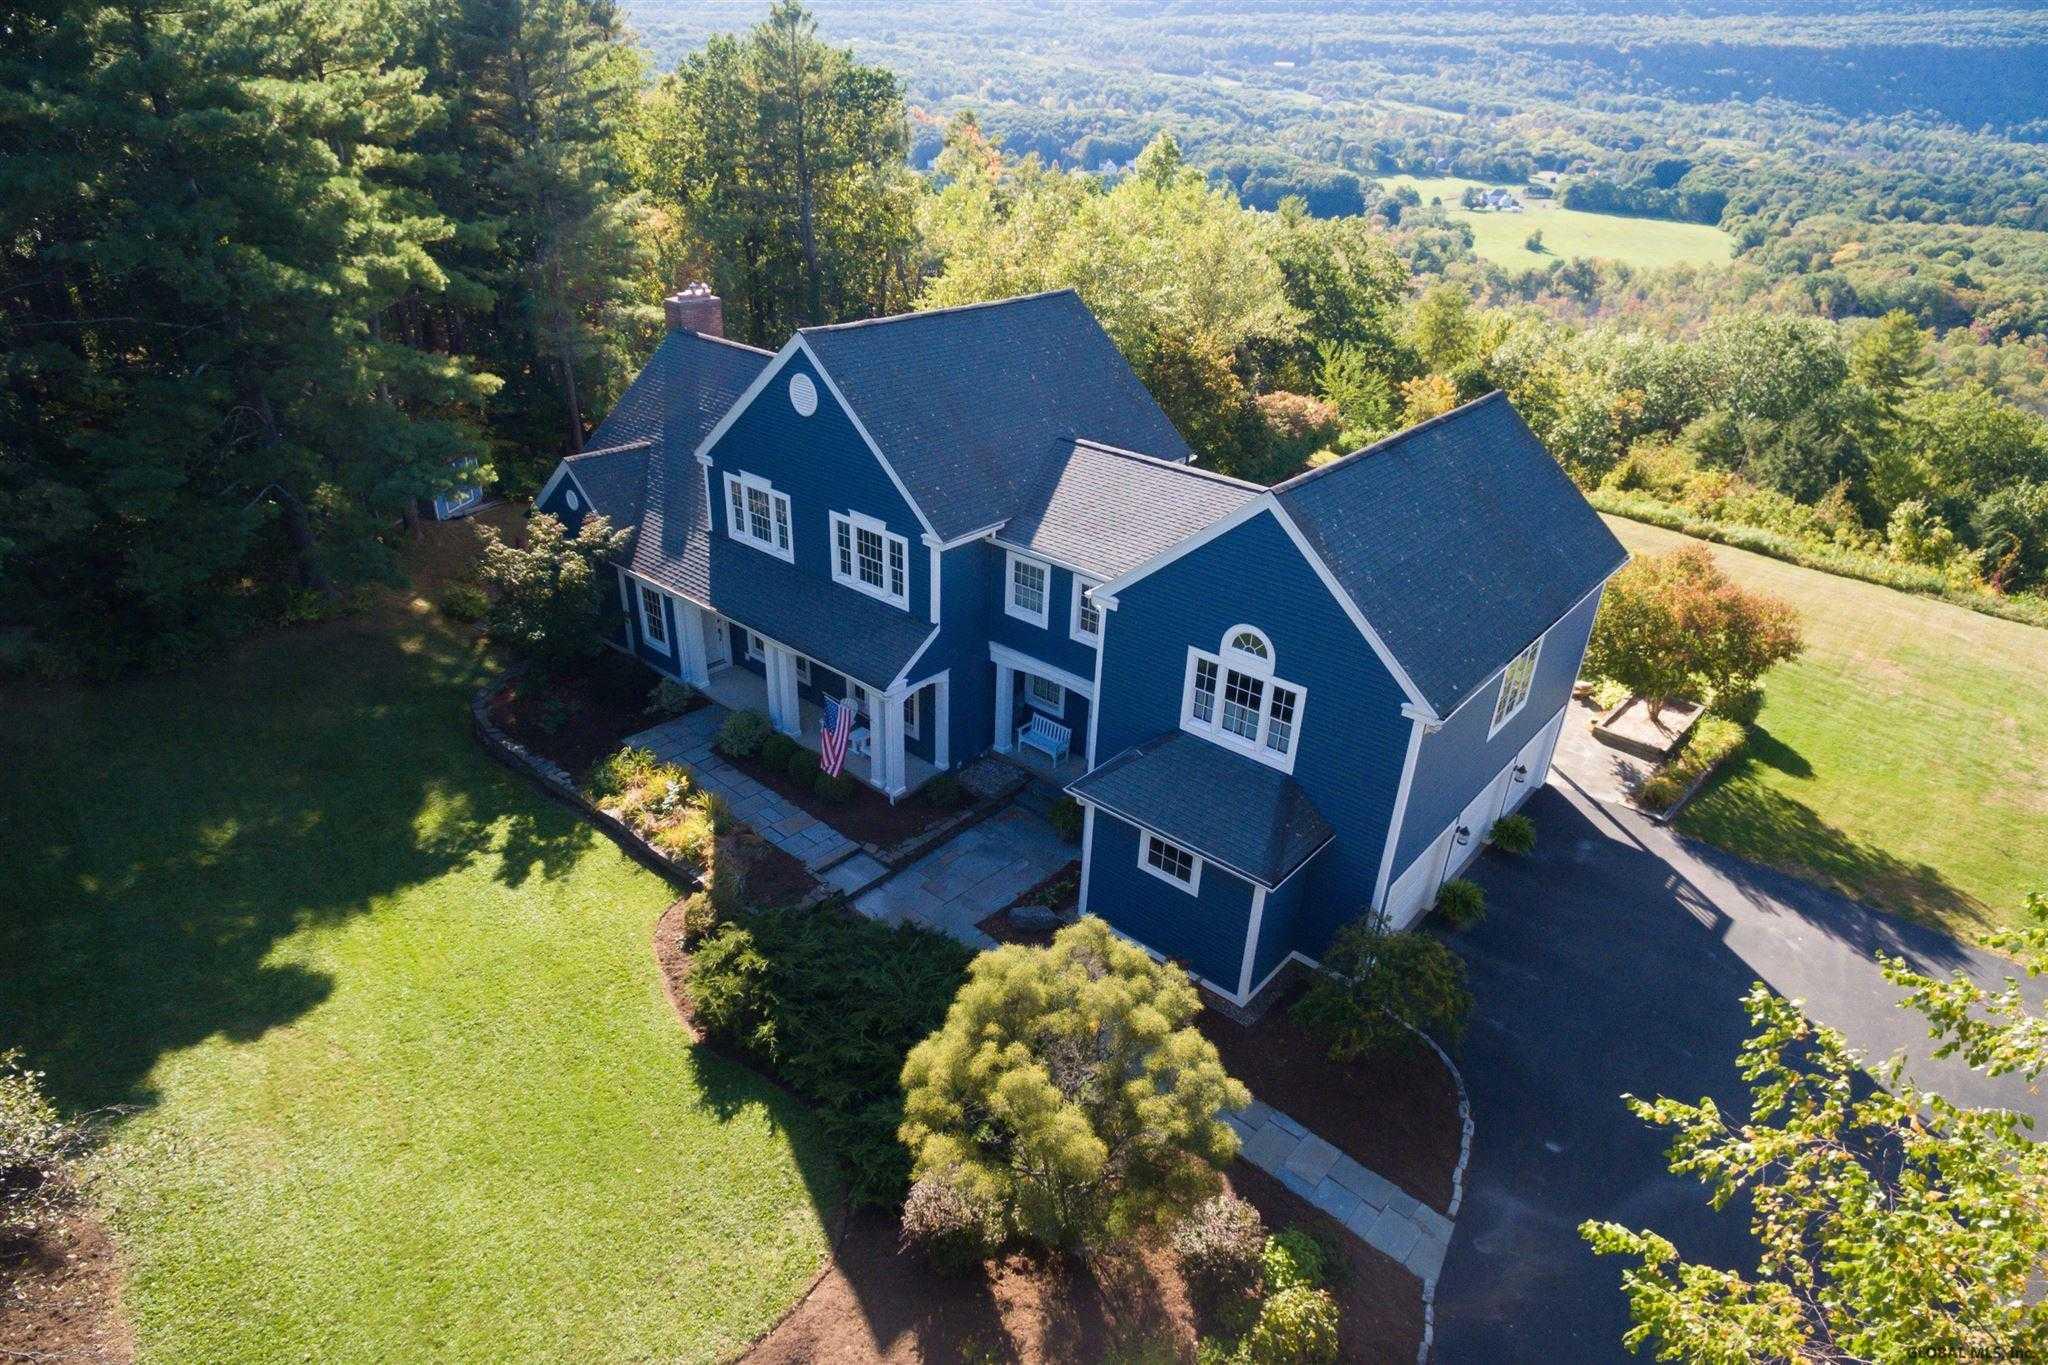 $799,000 - 5Br/4Ba -  for Sale in Voorheesville